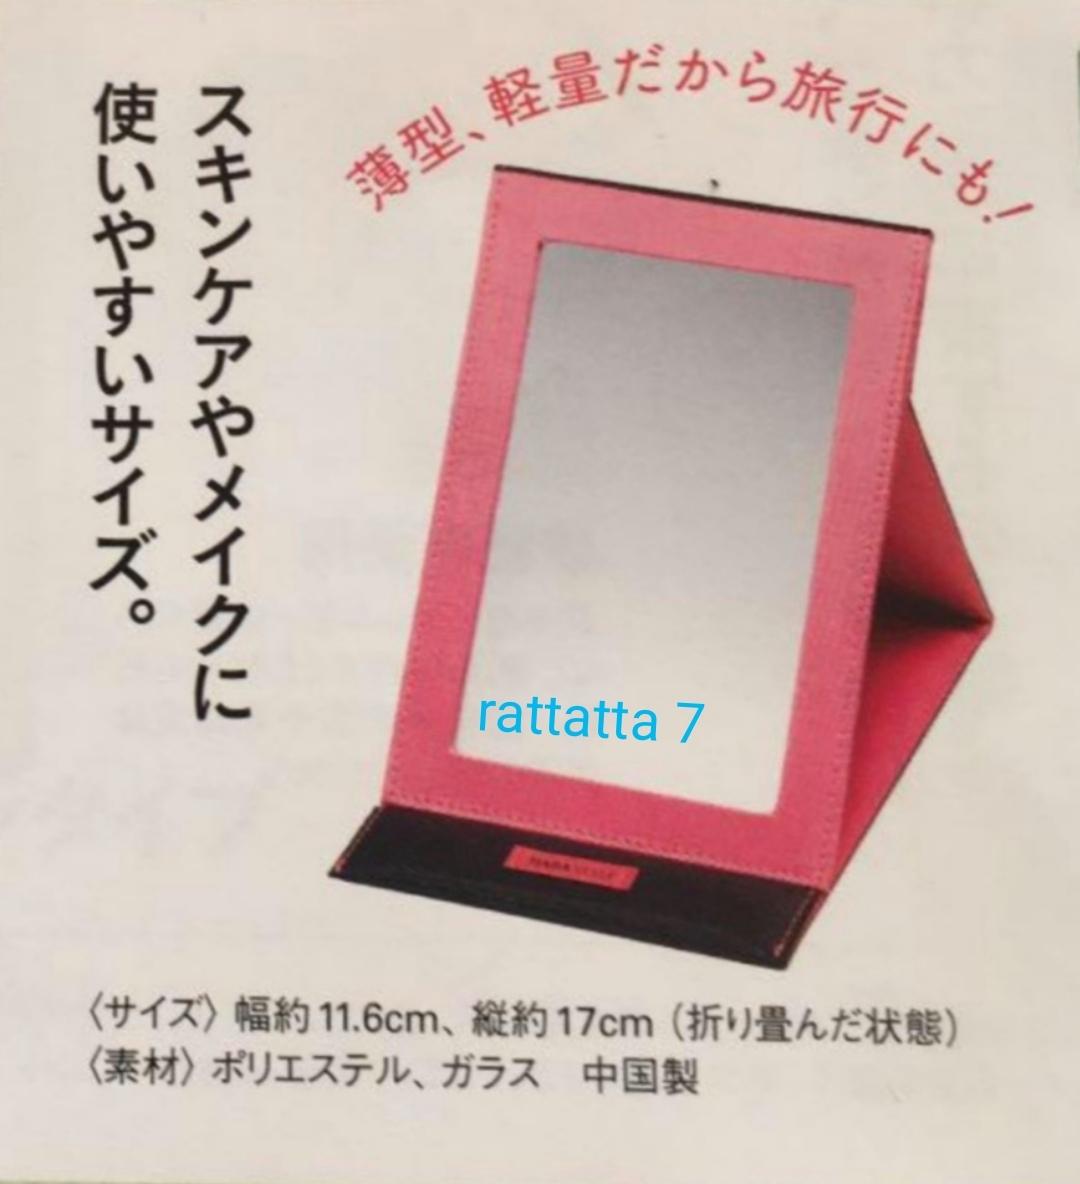 ☆HABA☆ハーバー☆福袋2019☆すっきりボックス☆スタンドミラー☆セット☆収納ボックス☆メイク☆コスメ_画像9